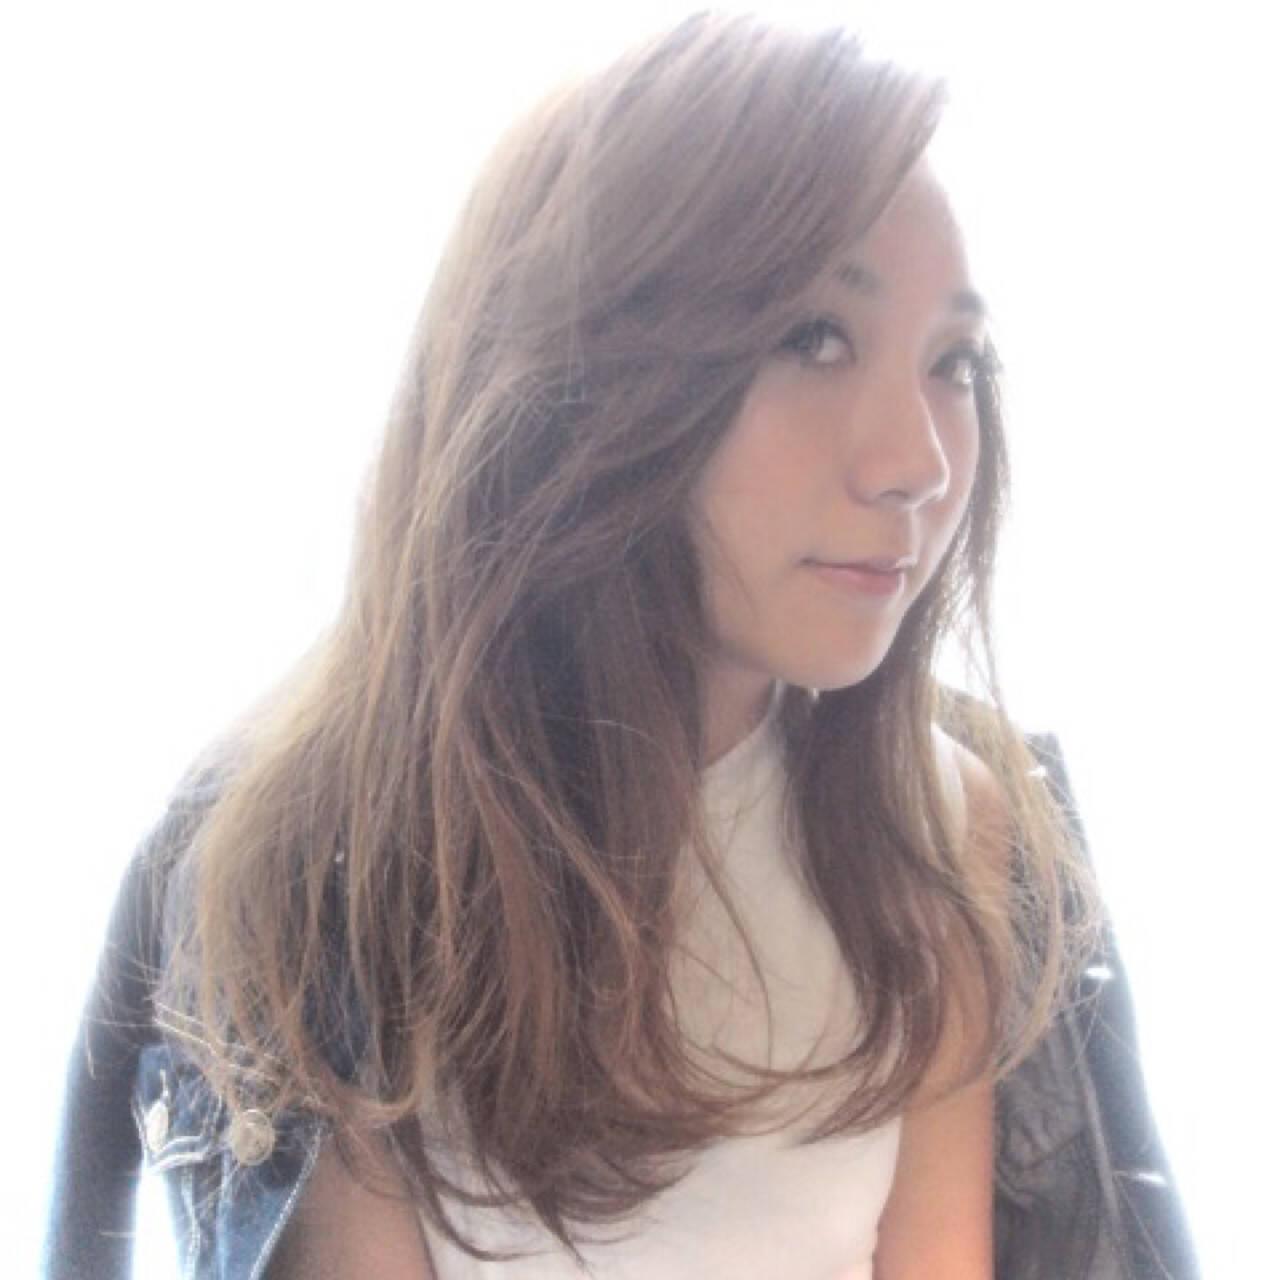 かき上げ前髪 前髪あり ガーリー グラデーションカラーヘアスタイルや髪型の写真・画像